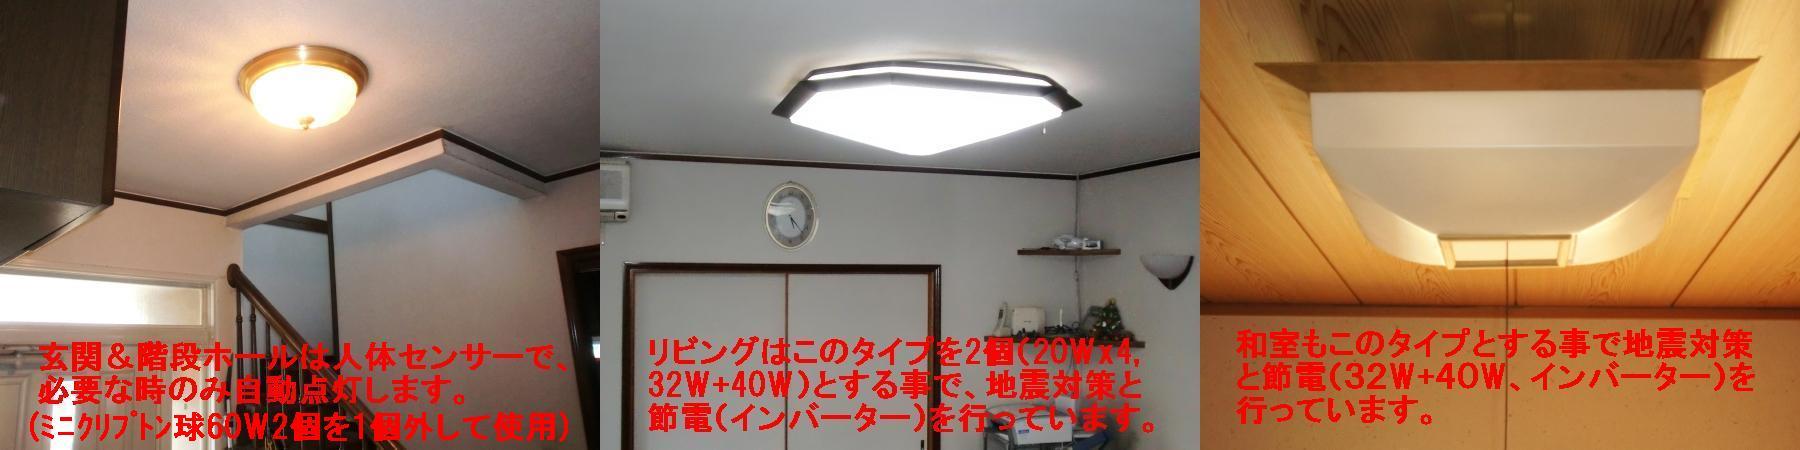 約17年前から、地震対策(2X4と照明の天井直付)と節電を行っていました!